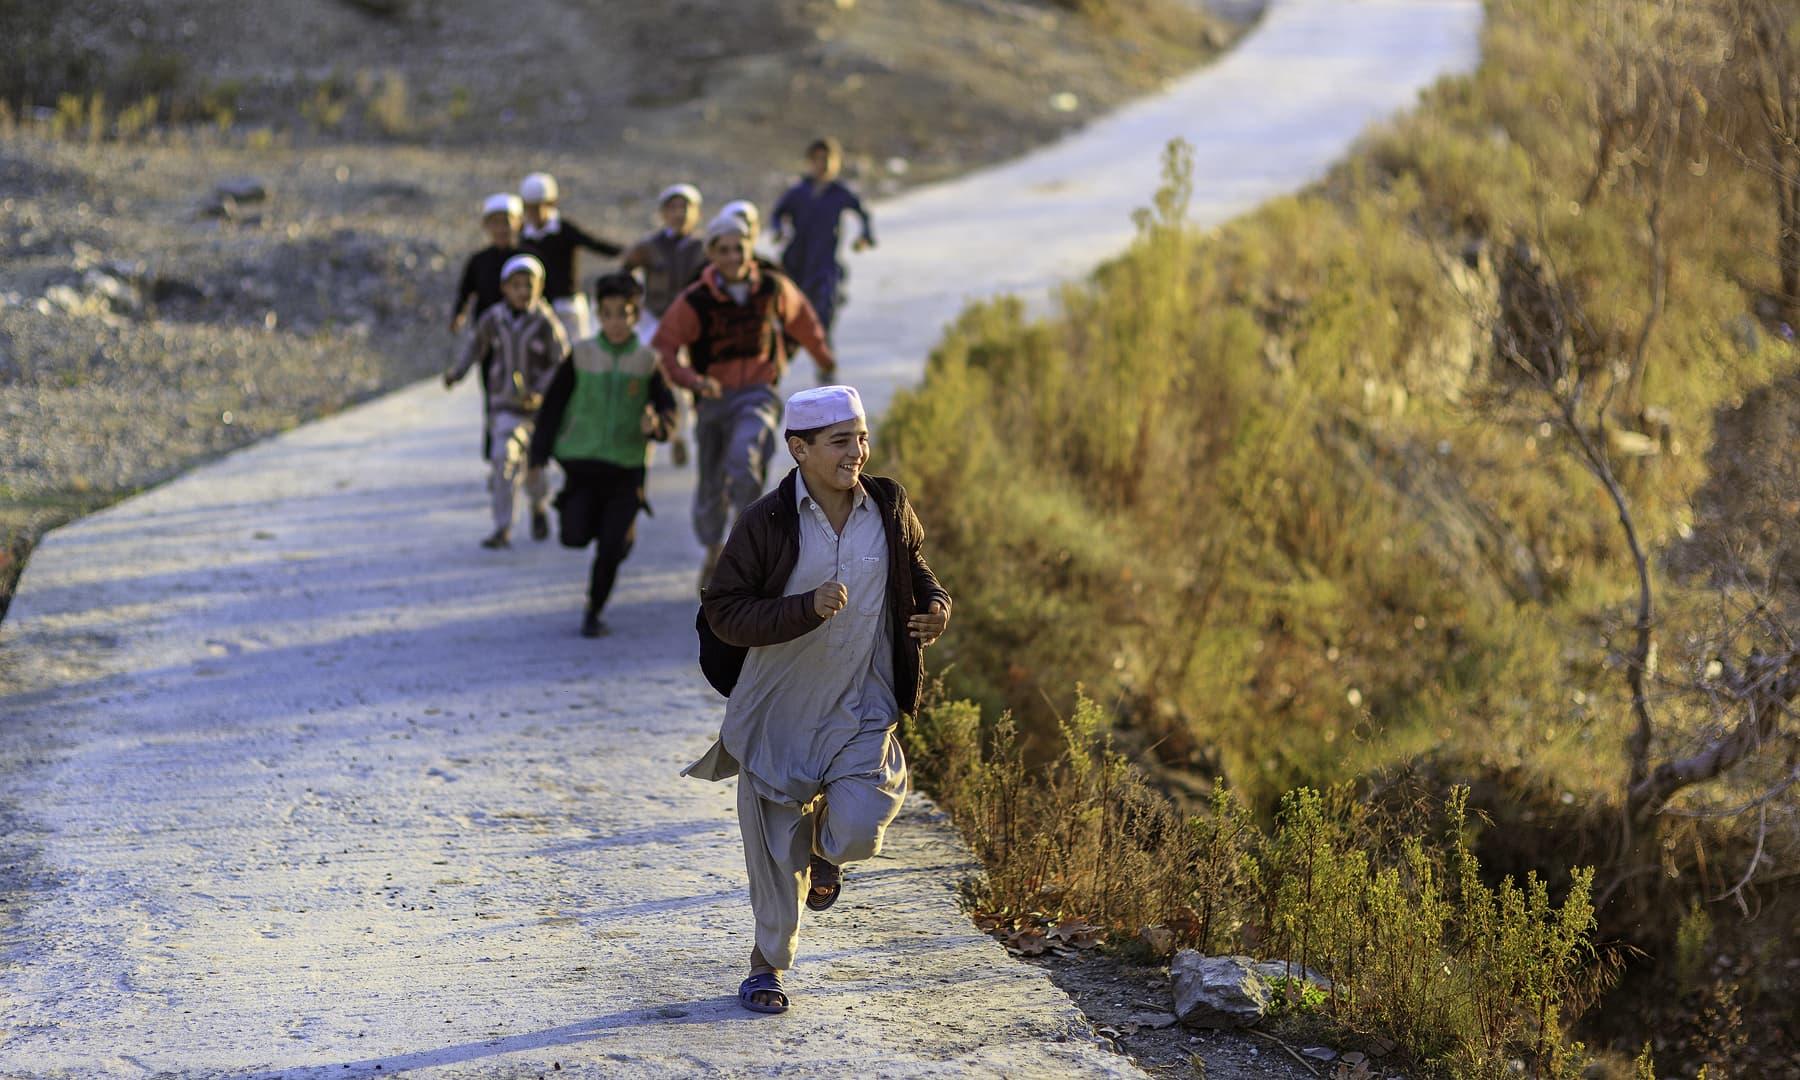 مٹہ میں کھیلتے بچے. — فوٹو سید مہدی بخاری۔